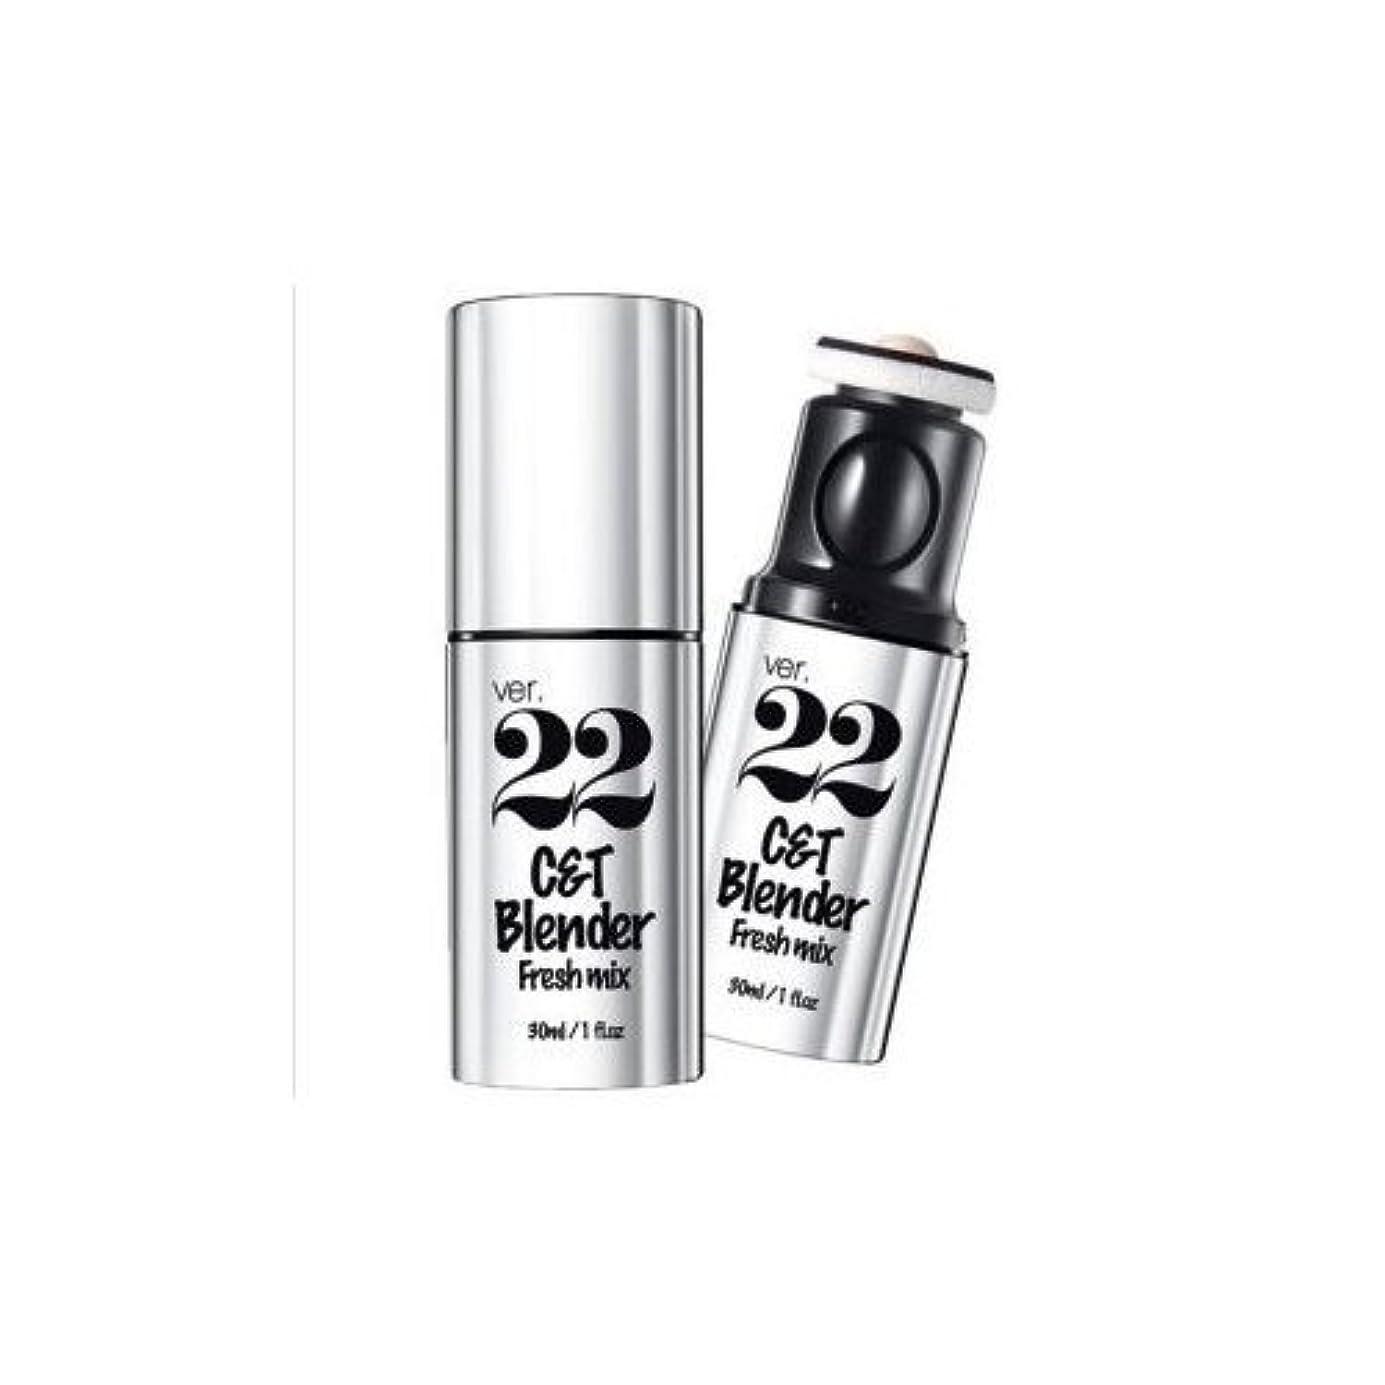 洞窟アンティーク船外chosungah22 C&T Blender Fresh Mix 30ml, Capsule Foundation, #01, Korean Cosmetics